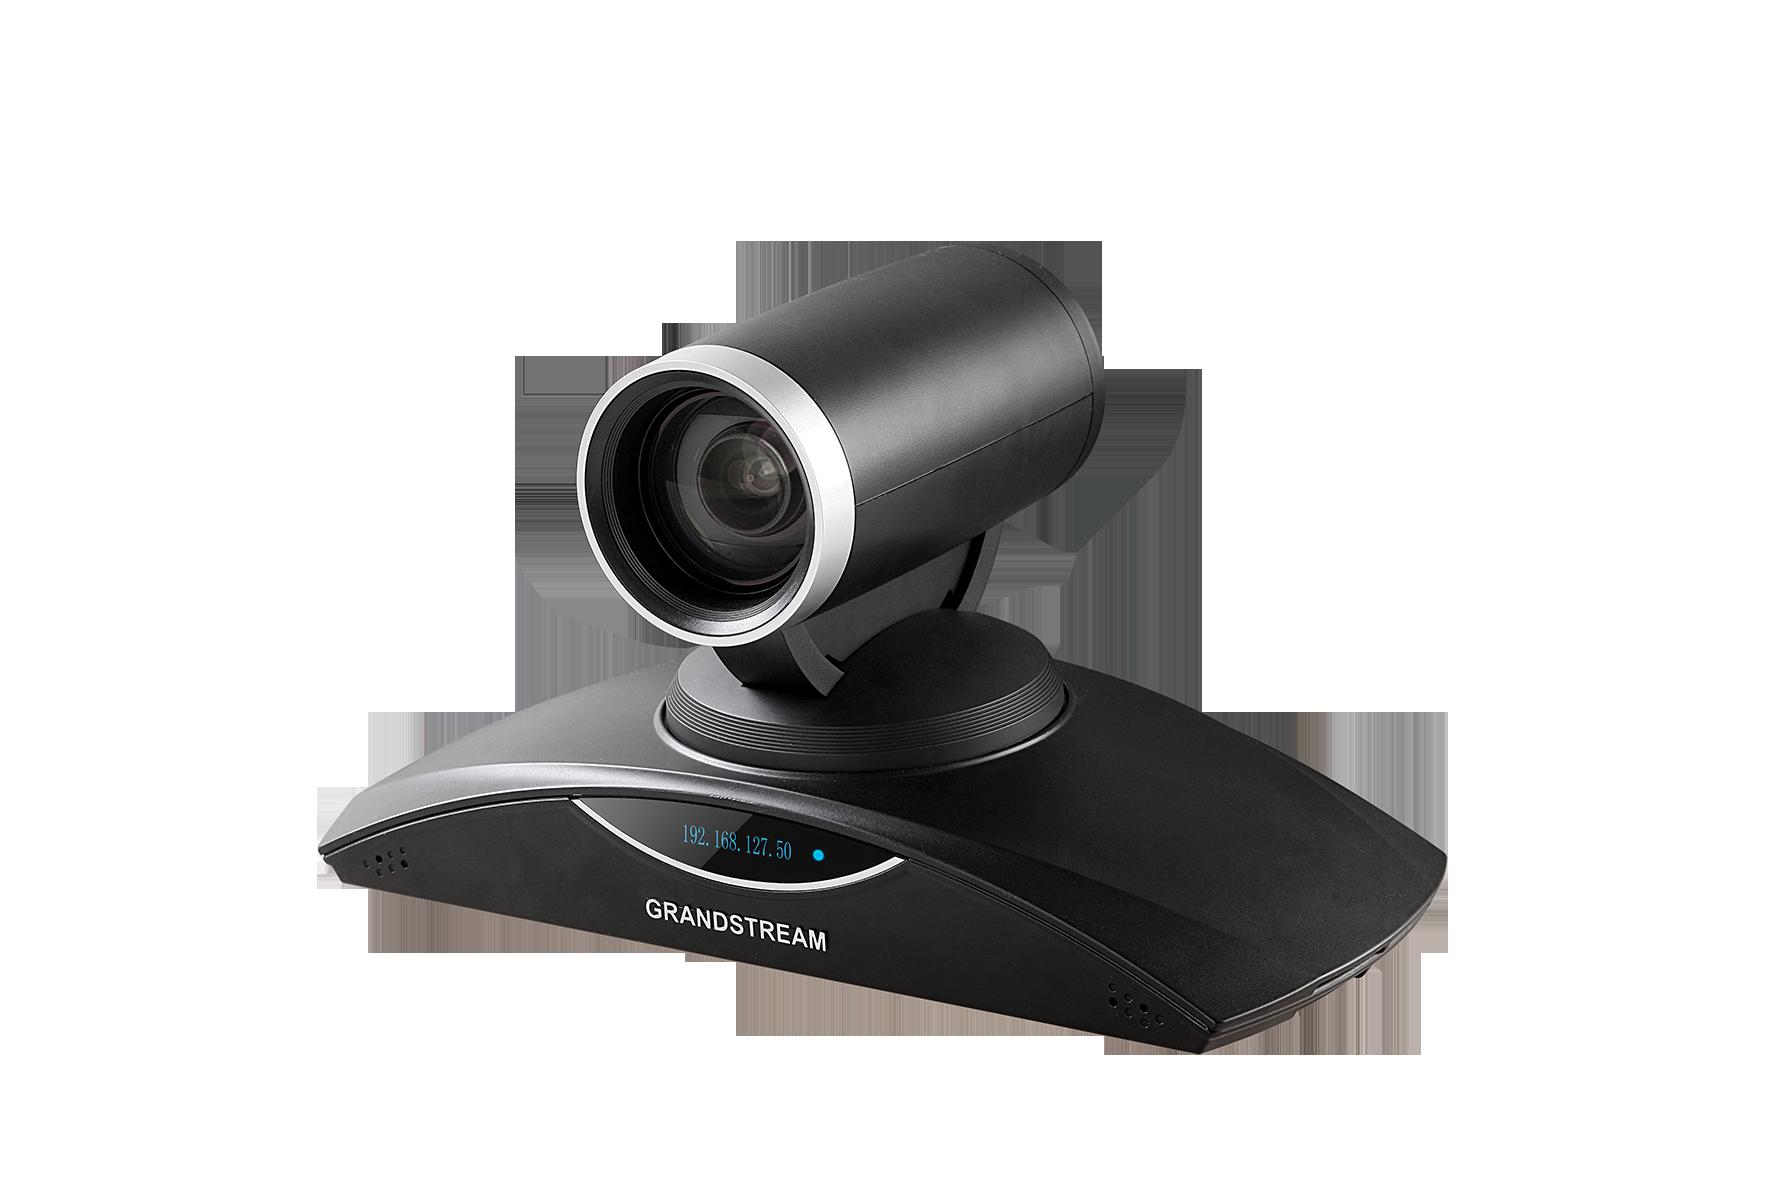 Grandstream расширяет ассортимент отмеченных наградами продуктов в области видеоконференцсвязи